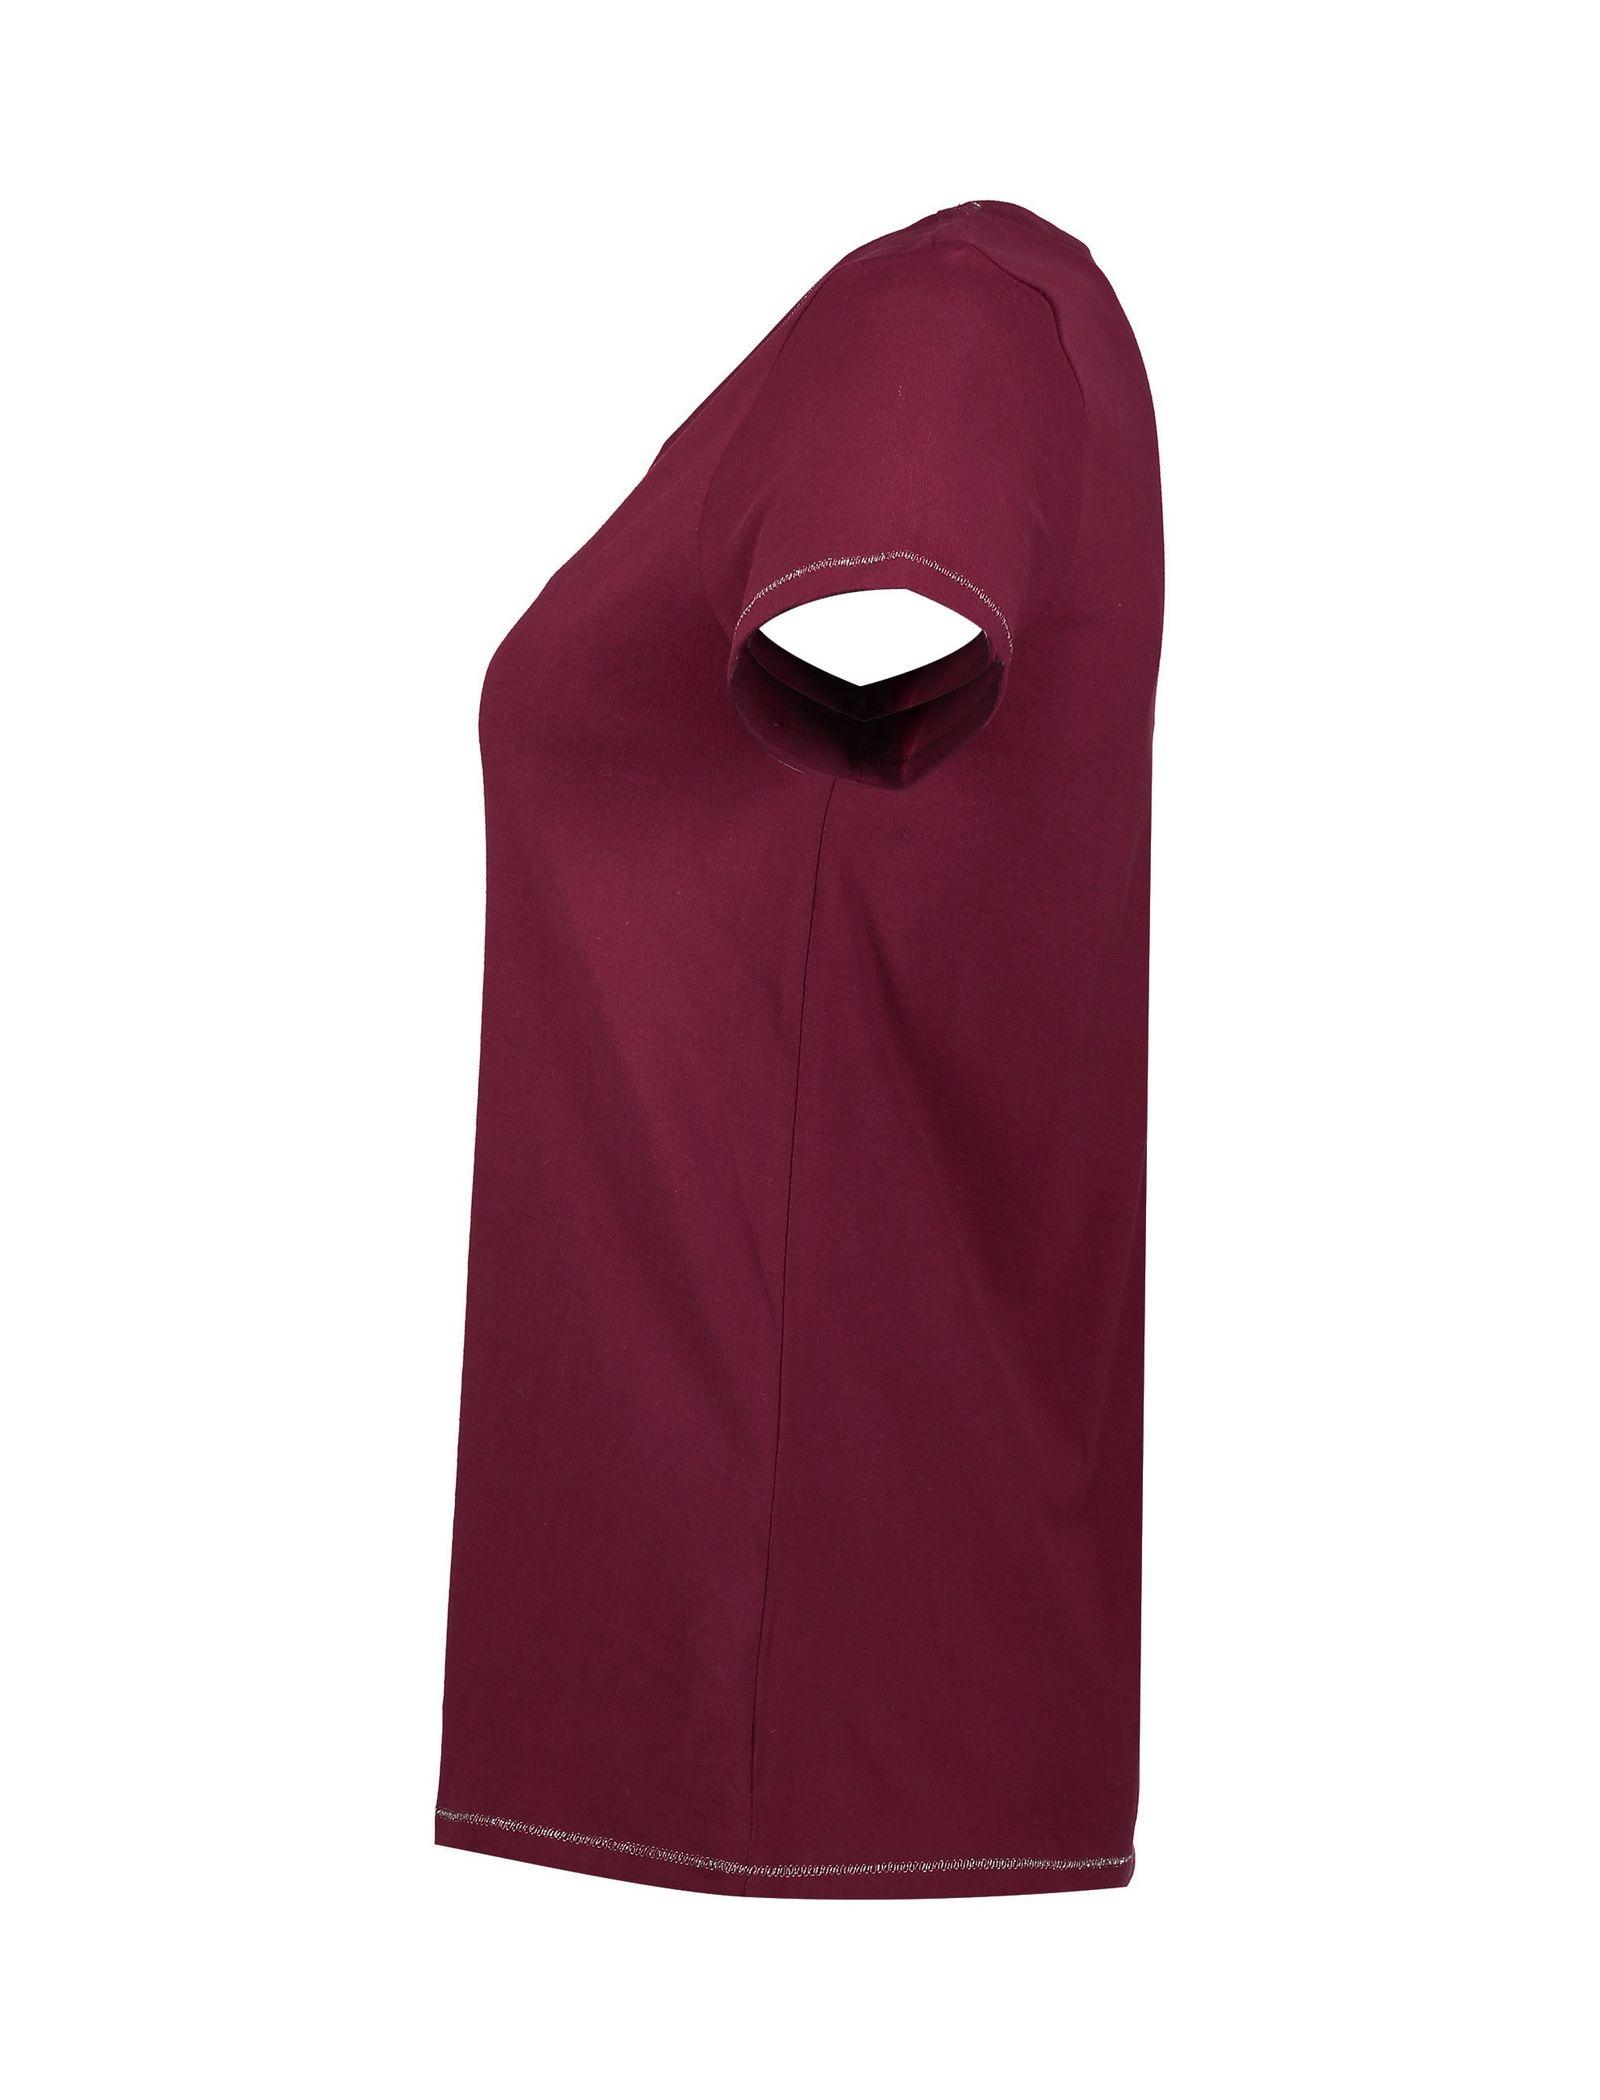 تی شرت و شلوار راحتی نخی زنانه - لانژ اند اسلیپ - قرمز - 5